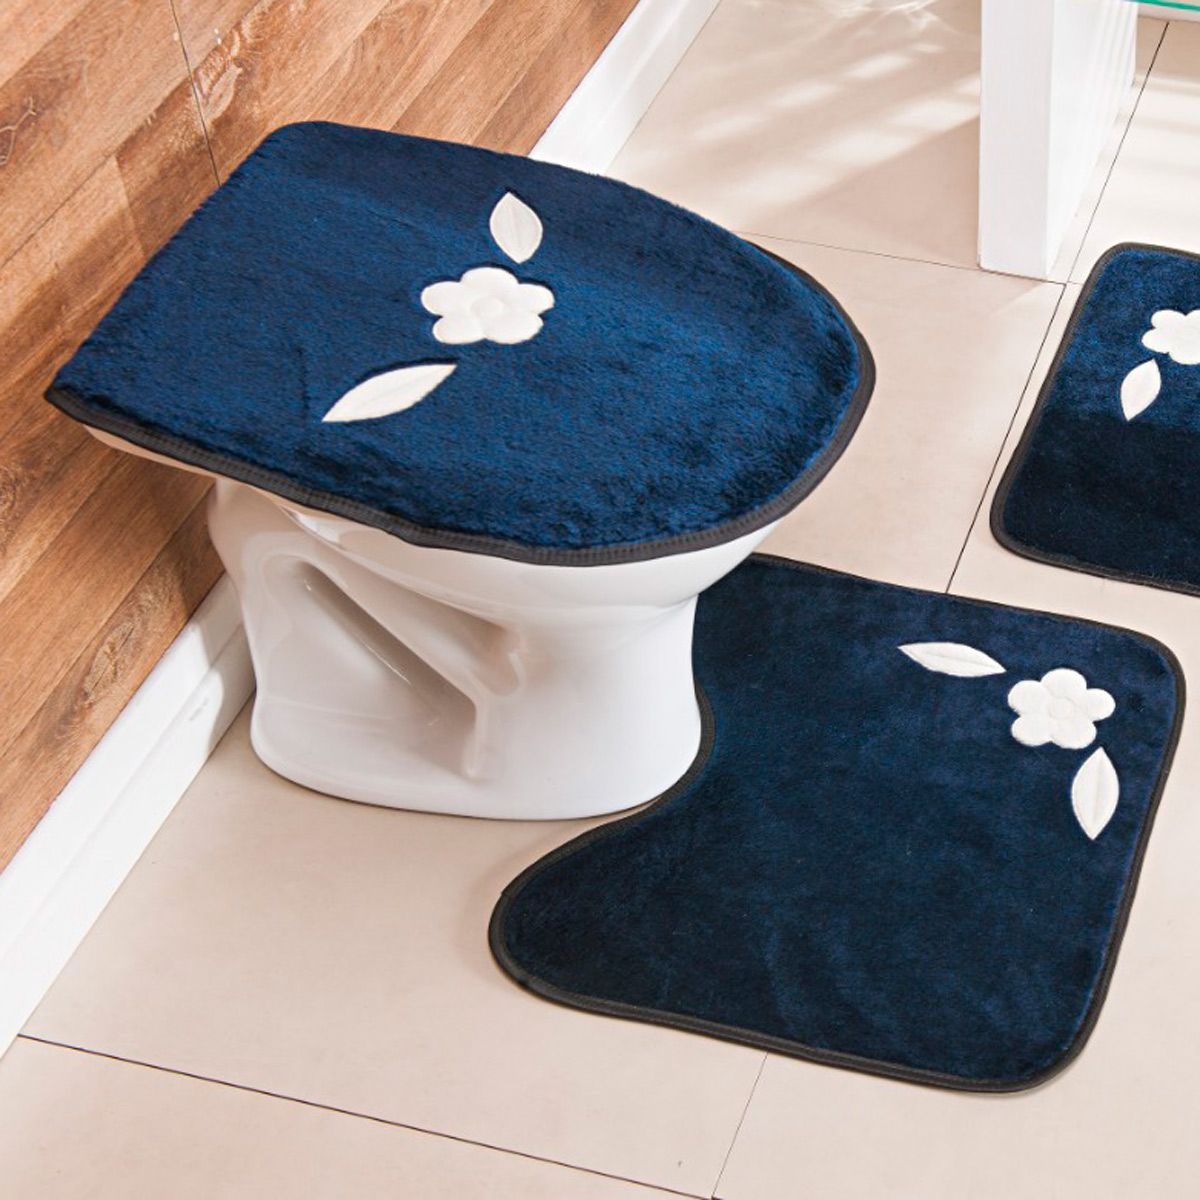 Jogo de Banheiro Premium Bordado Margarida Única Azul Marinho 03 Peças